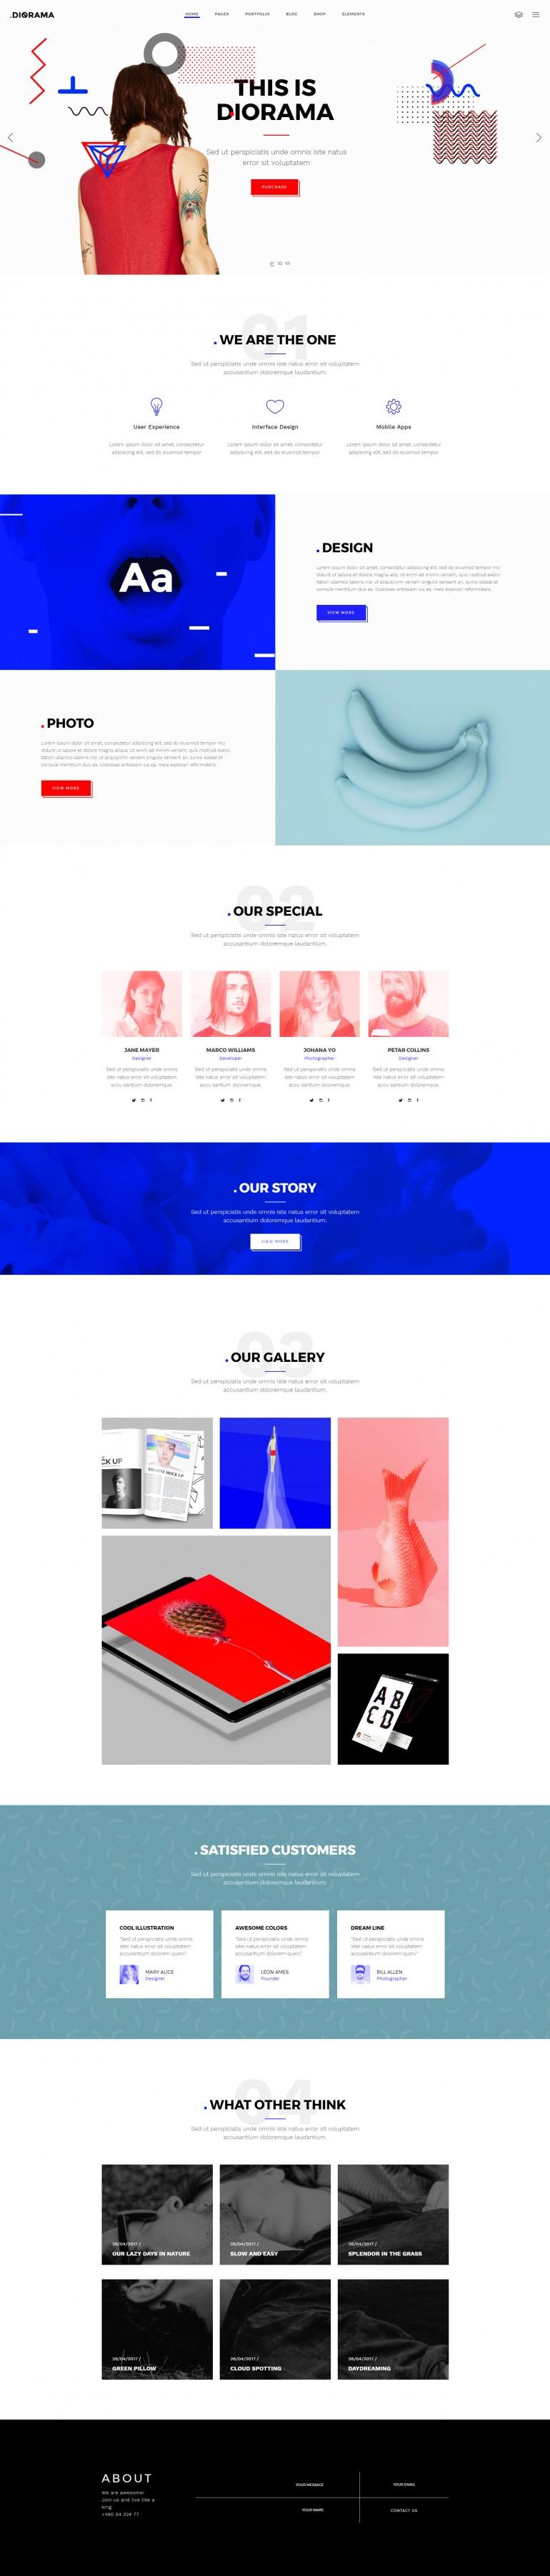 Diorama – A Bold Portfolio Theme for Agencies and Freelancers